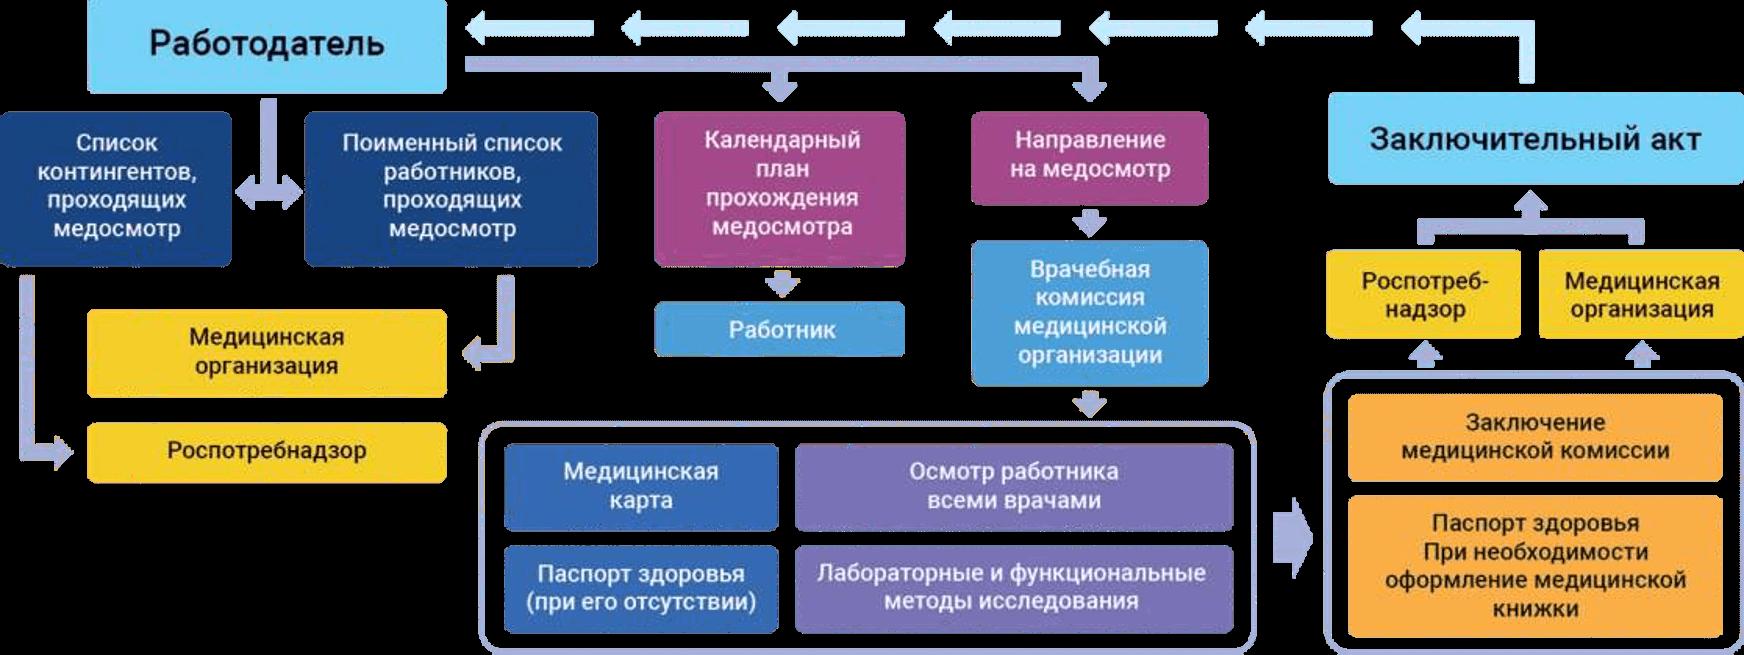 Схема проведения периодических медосмотров